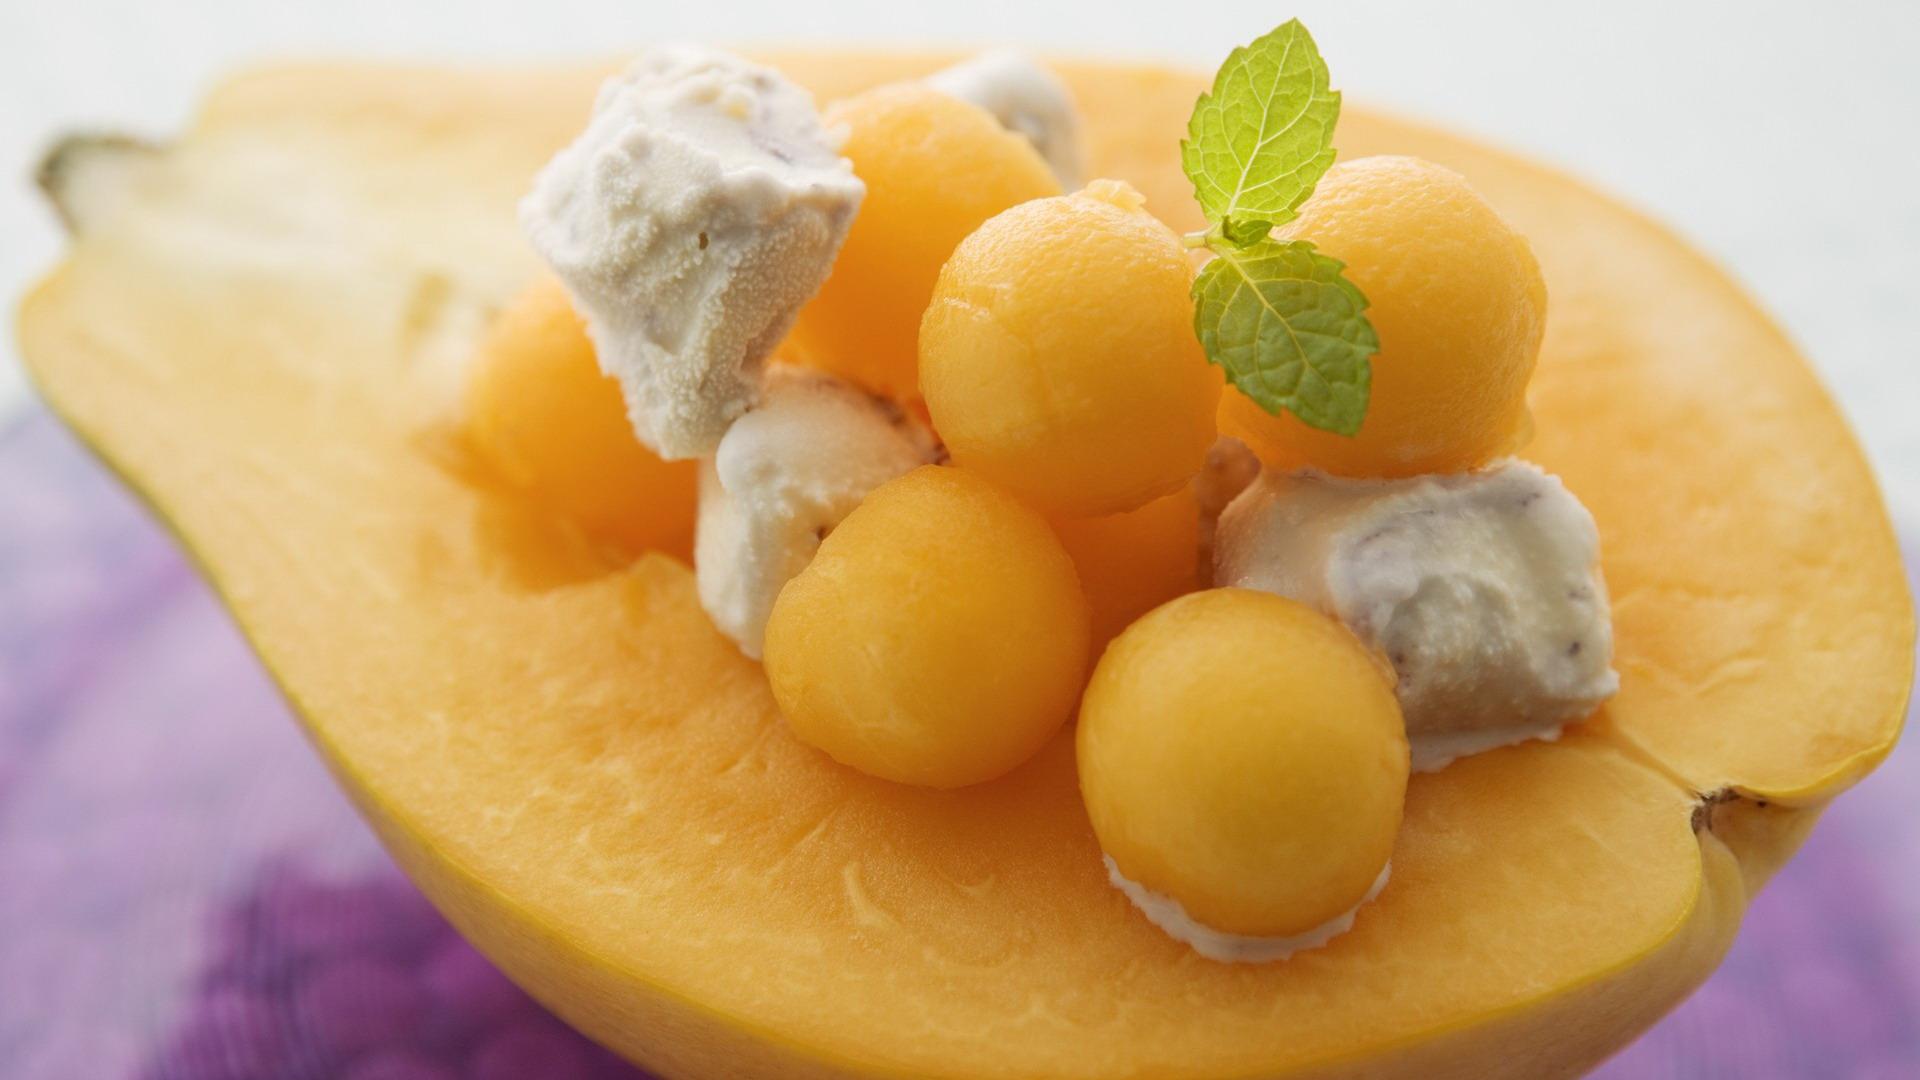 木瓜雪糕图片; 木瓜雪糕~; 水果甜点 分辨率1366x768-所有壁纸